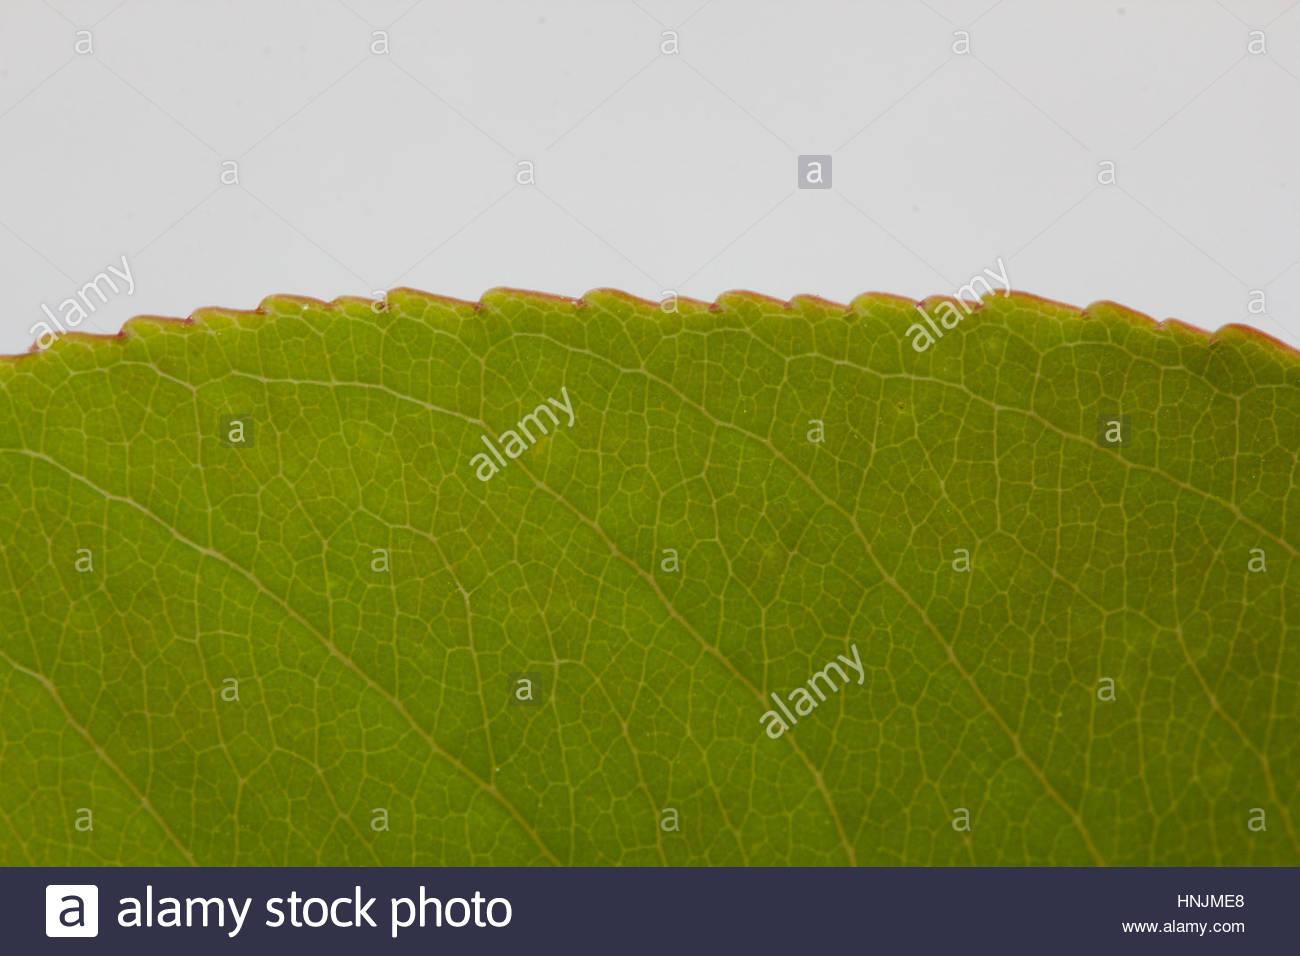 Leaf Margin With Stockfotos & Leaf Margin With Bilder - Alamy